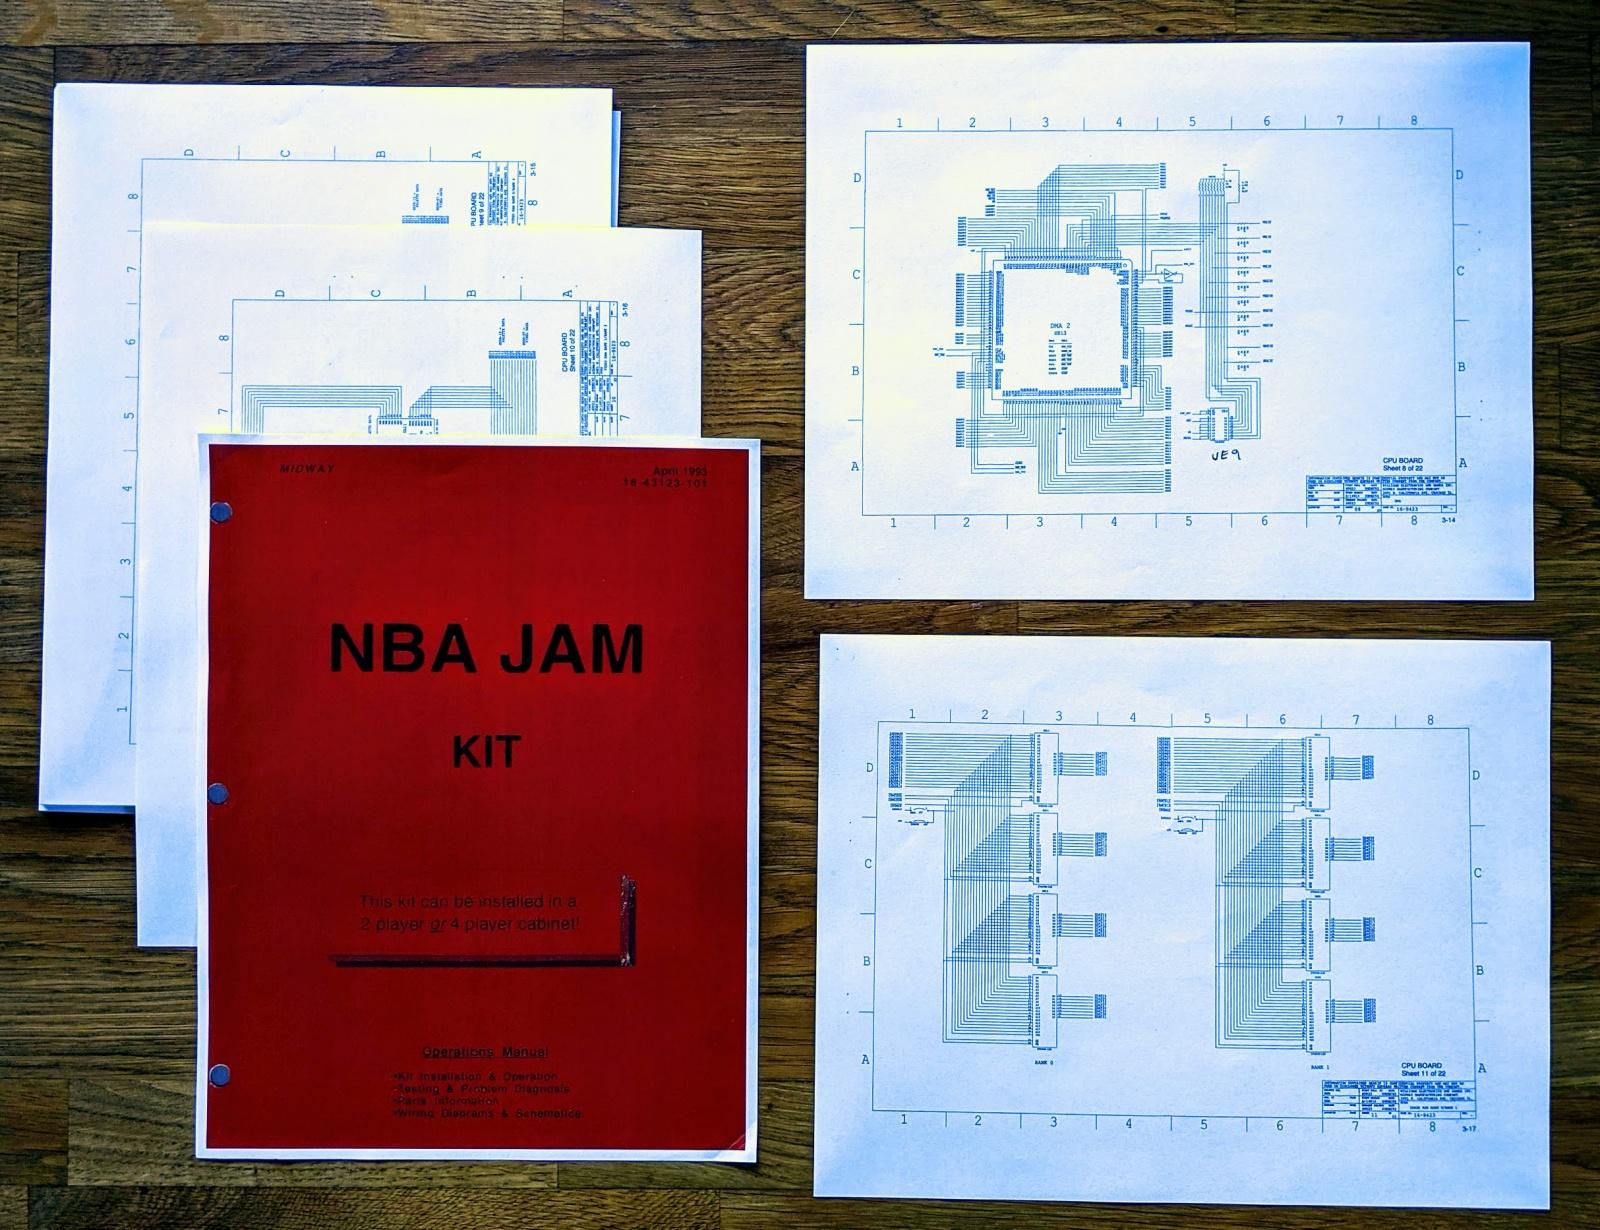 Реверс-инжиниринг аркадного автомата: записываем Майкла Джордана в NBA Jam - 6